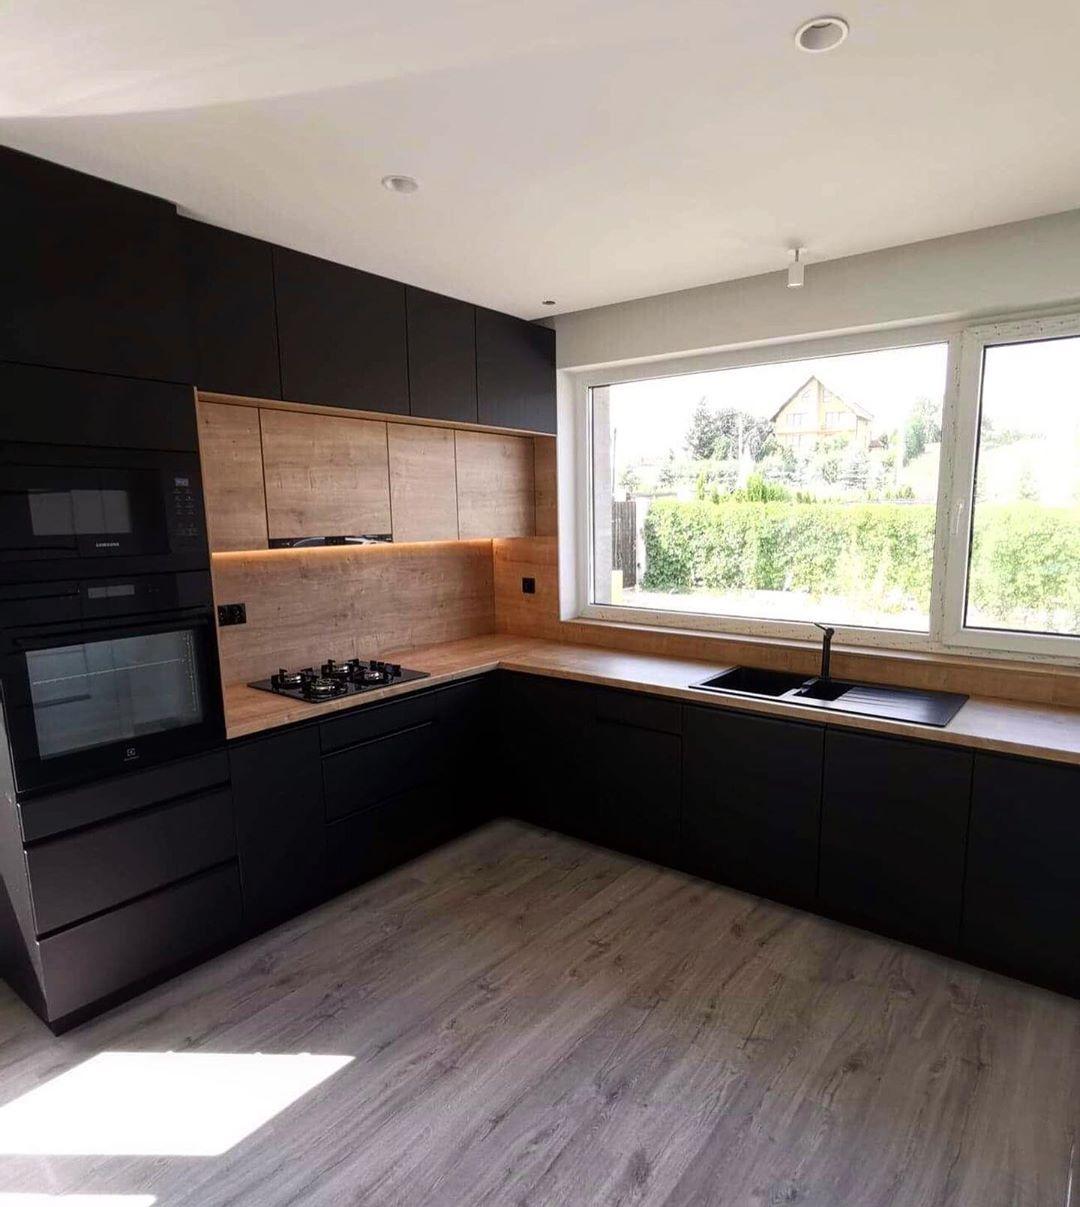 Obraz Moze Zawierac W Budynku Kitchen Cabinets Home Kitchen